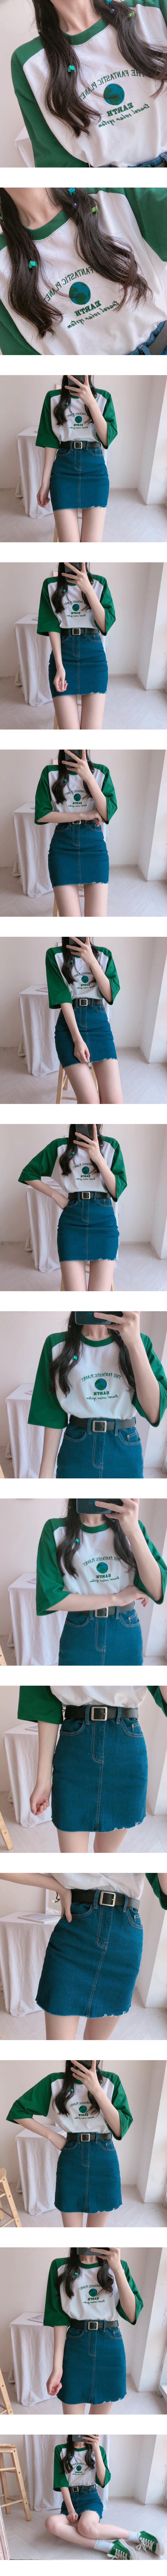 Basic line denim skirt